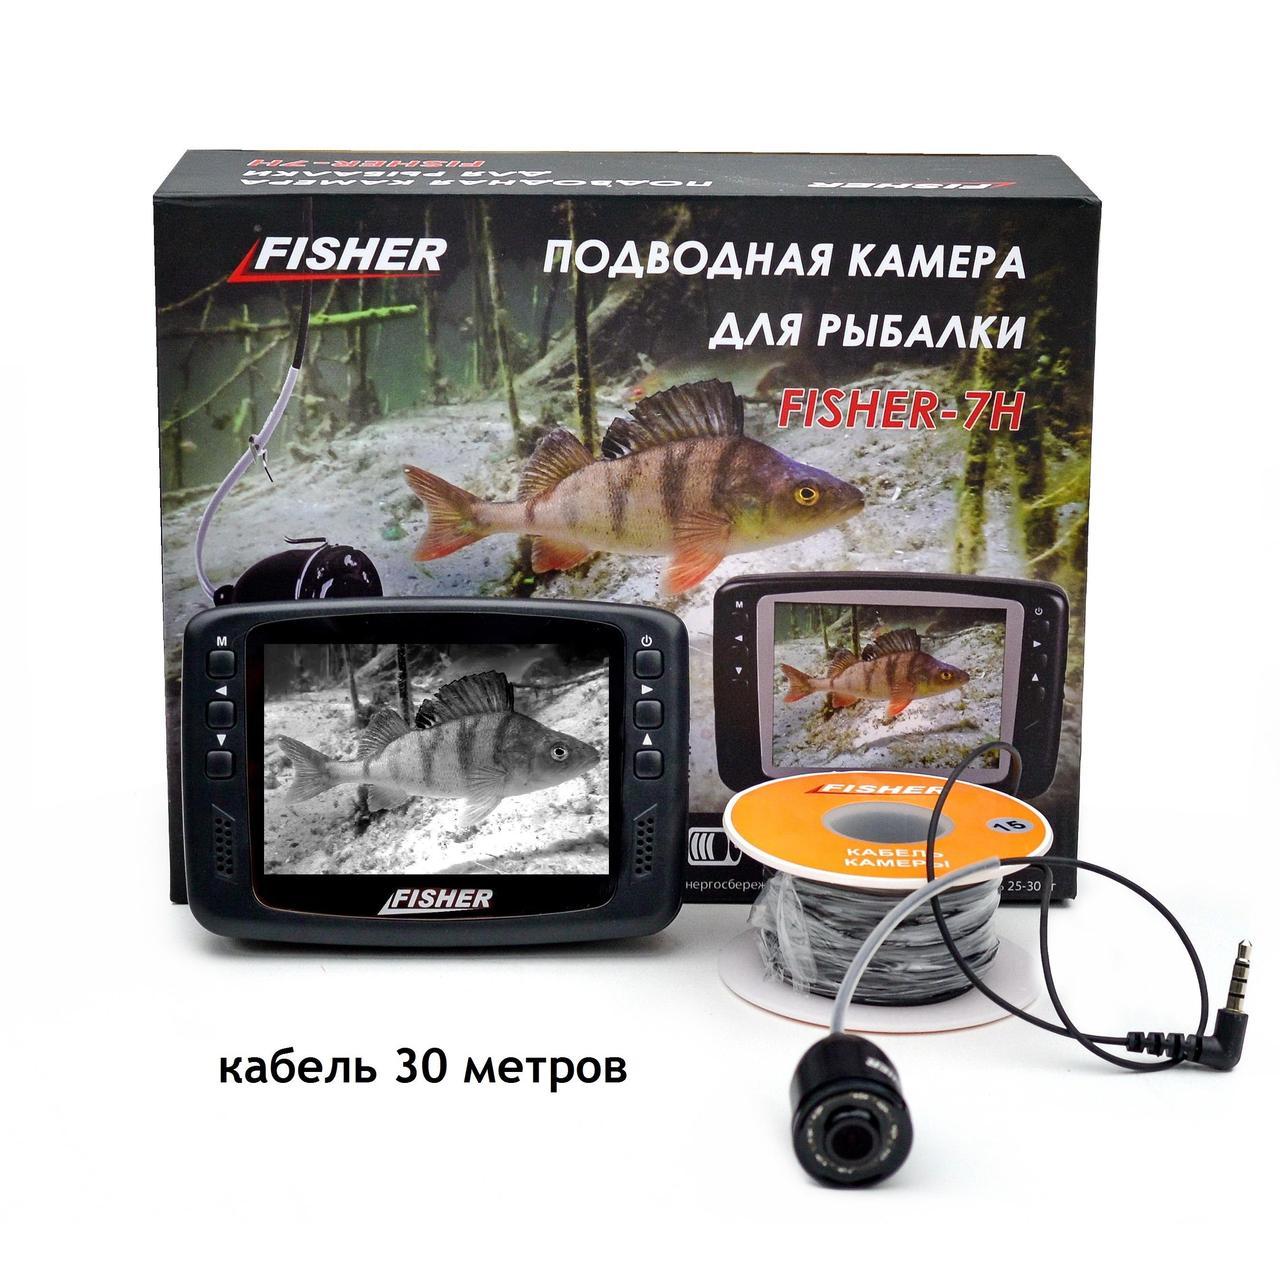 Подводная камера для рыбалки Fisher CR110-7H 30